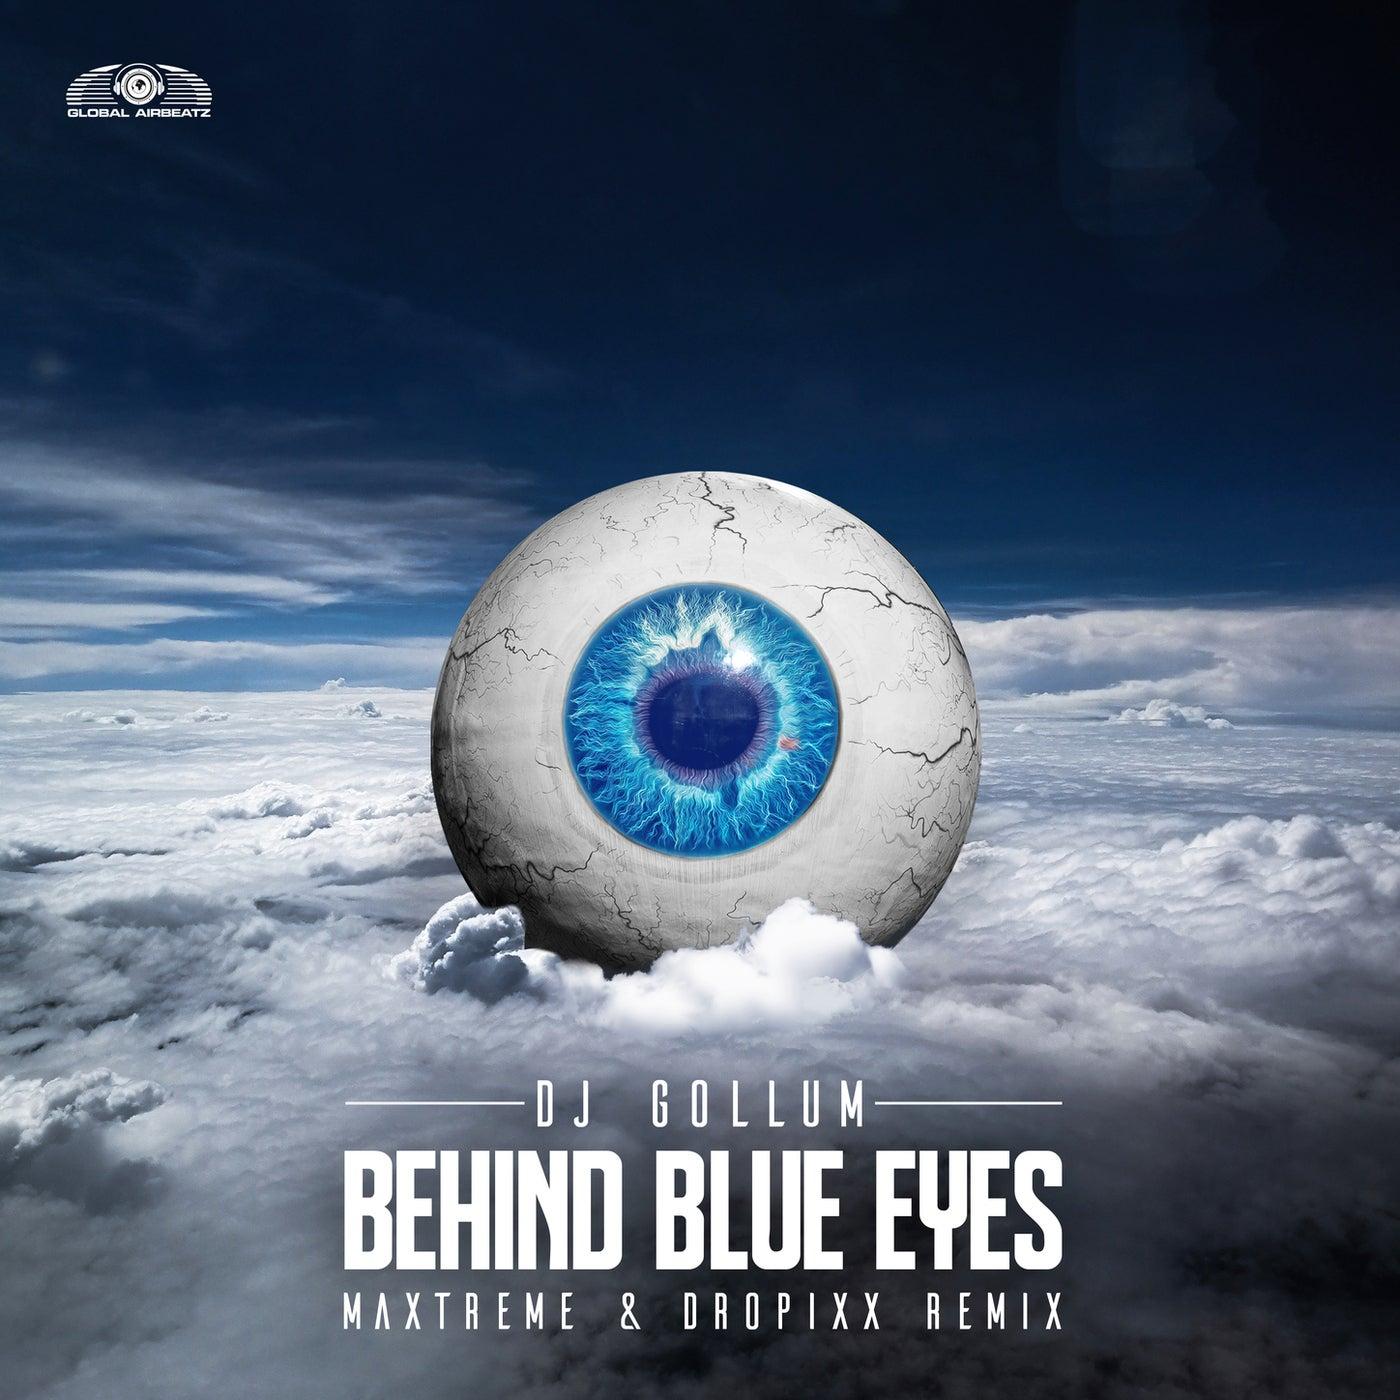 Behind Blue Eyes 2k21 (Maxtreme & Dropixx Extended Mix)